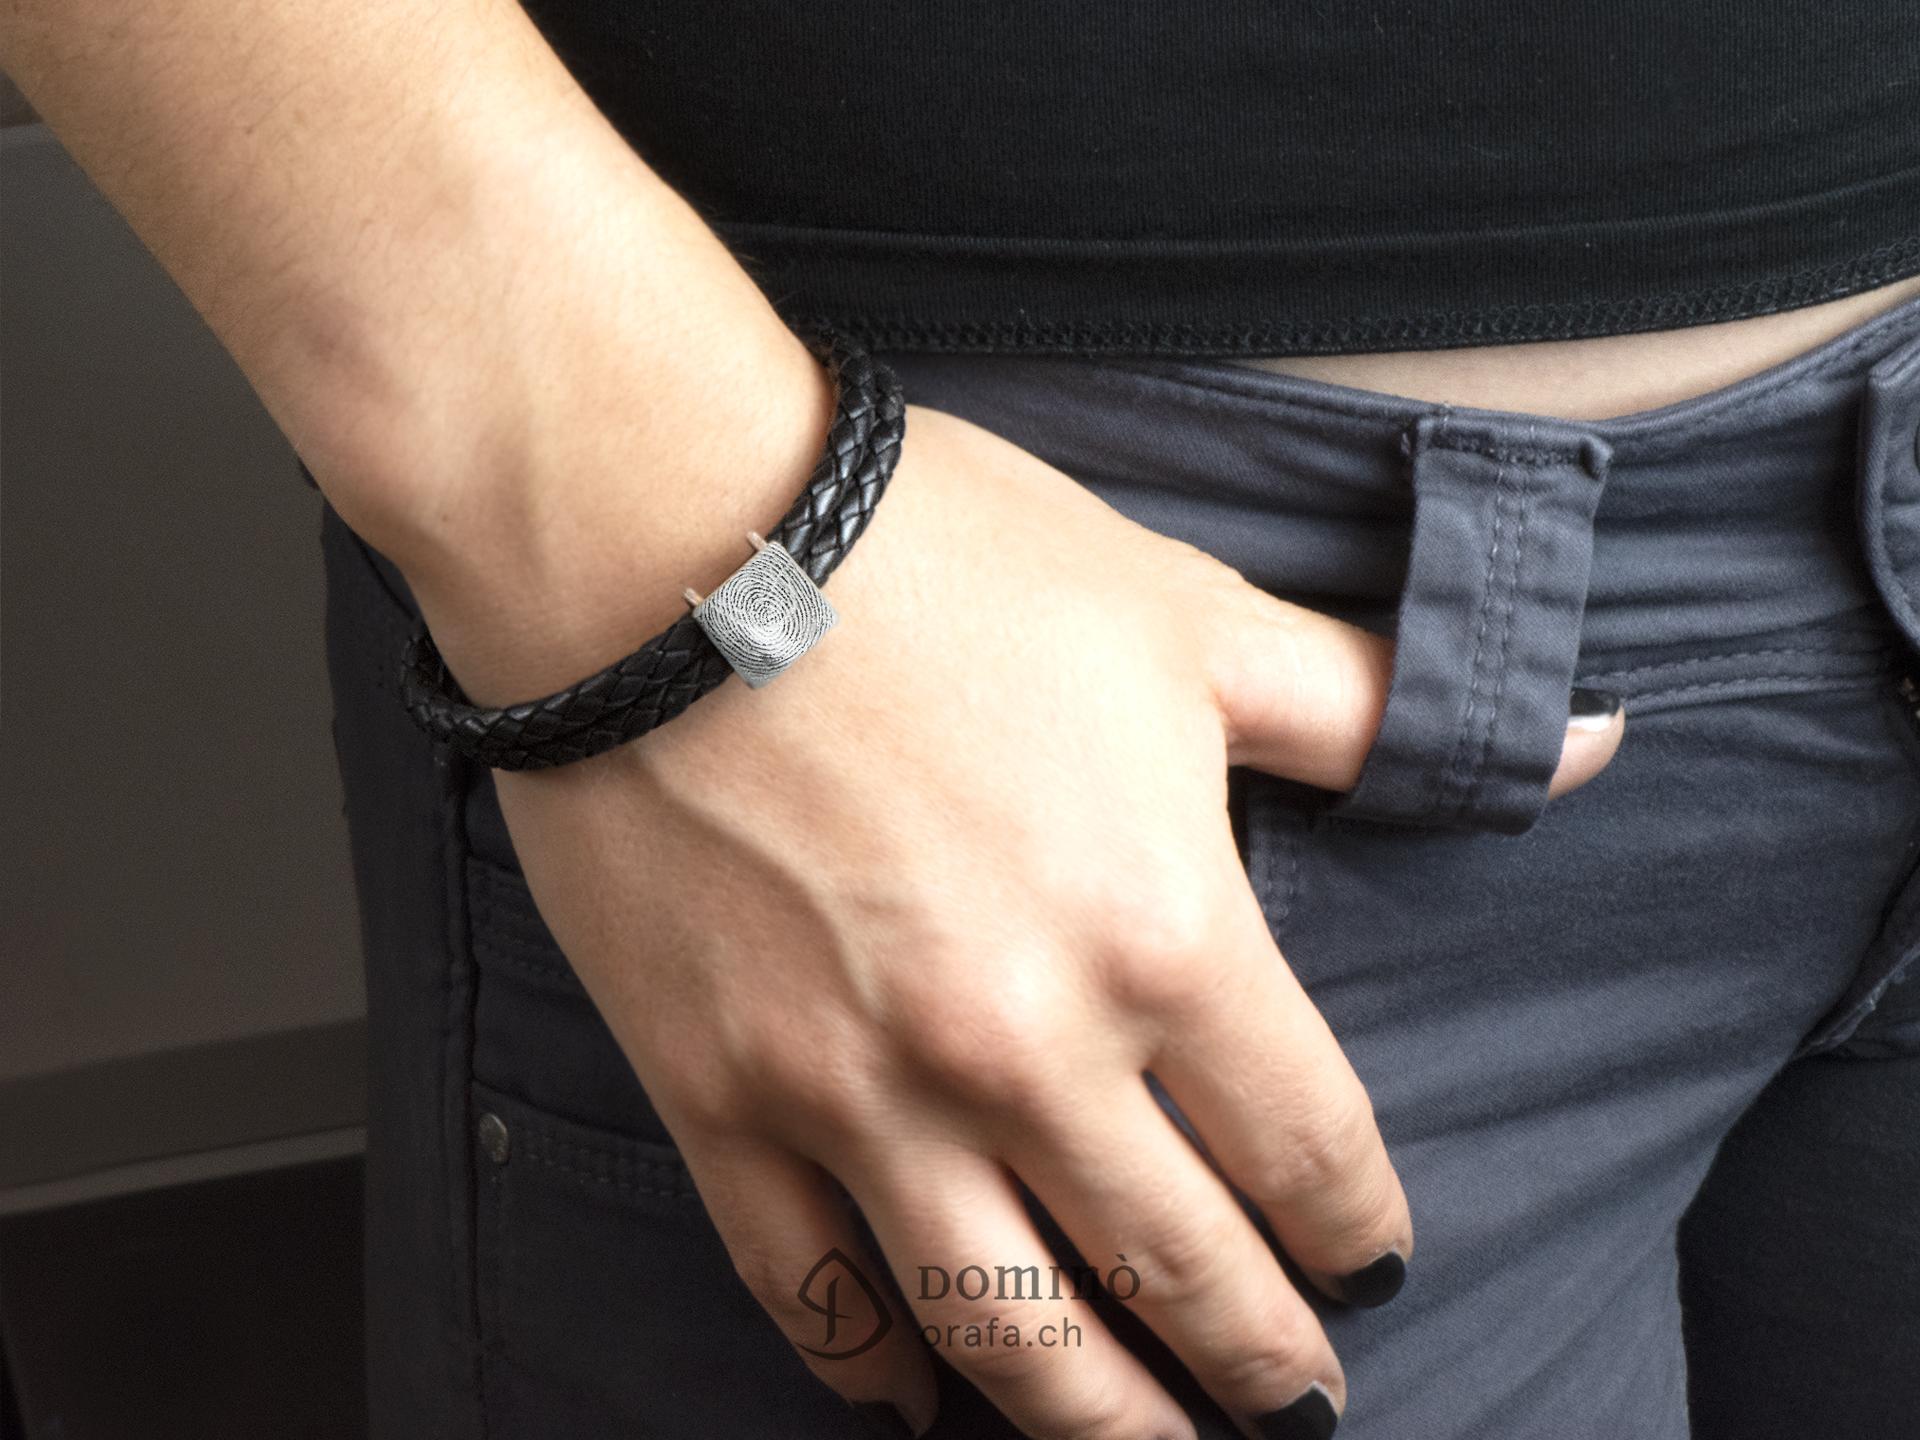 braccialetto-cuoio-impronta-digitale-quadrata-1